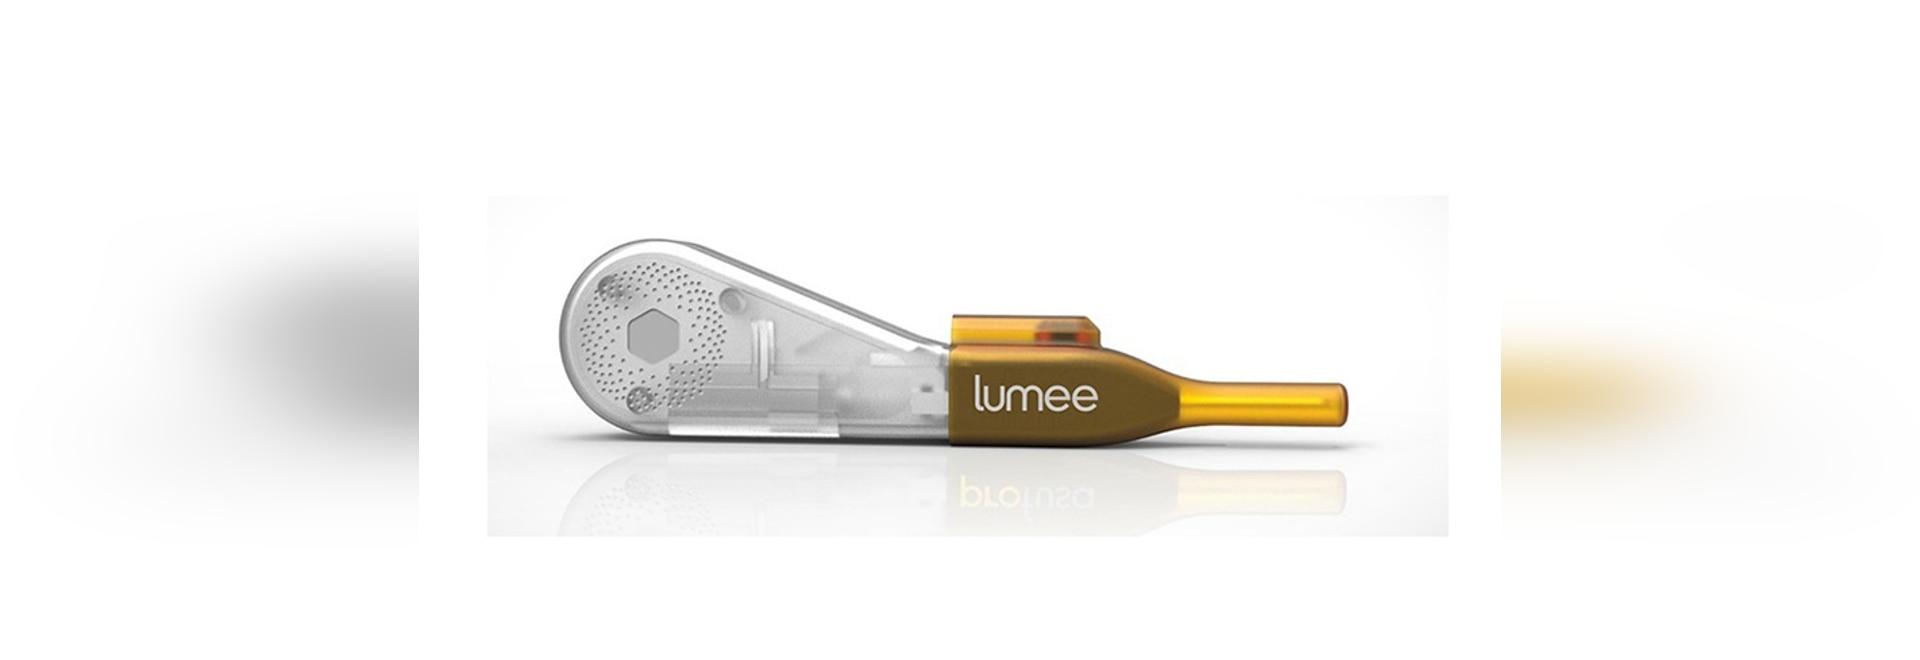 La plate-forme de Lumee démontre la surveillance réussie de l'oxygène dans des patients de CLI